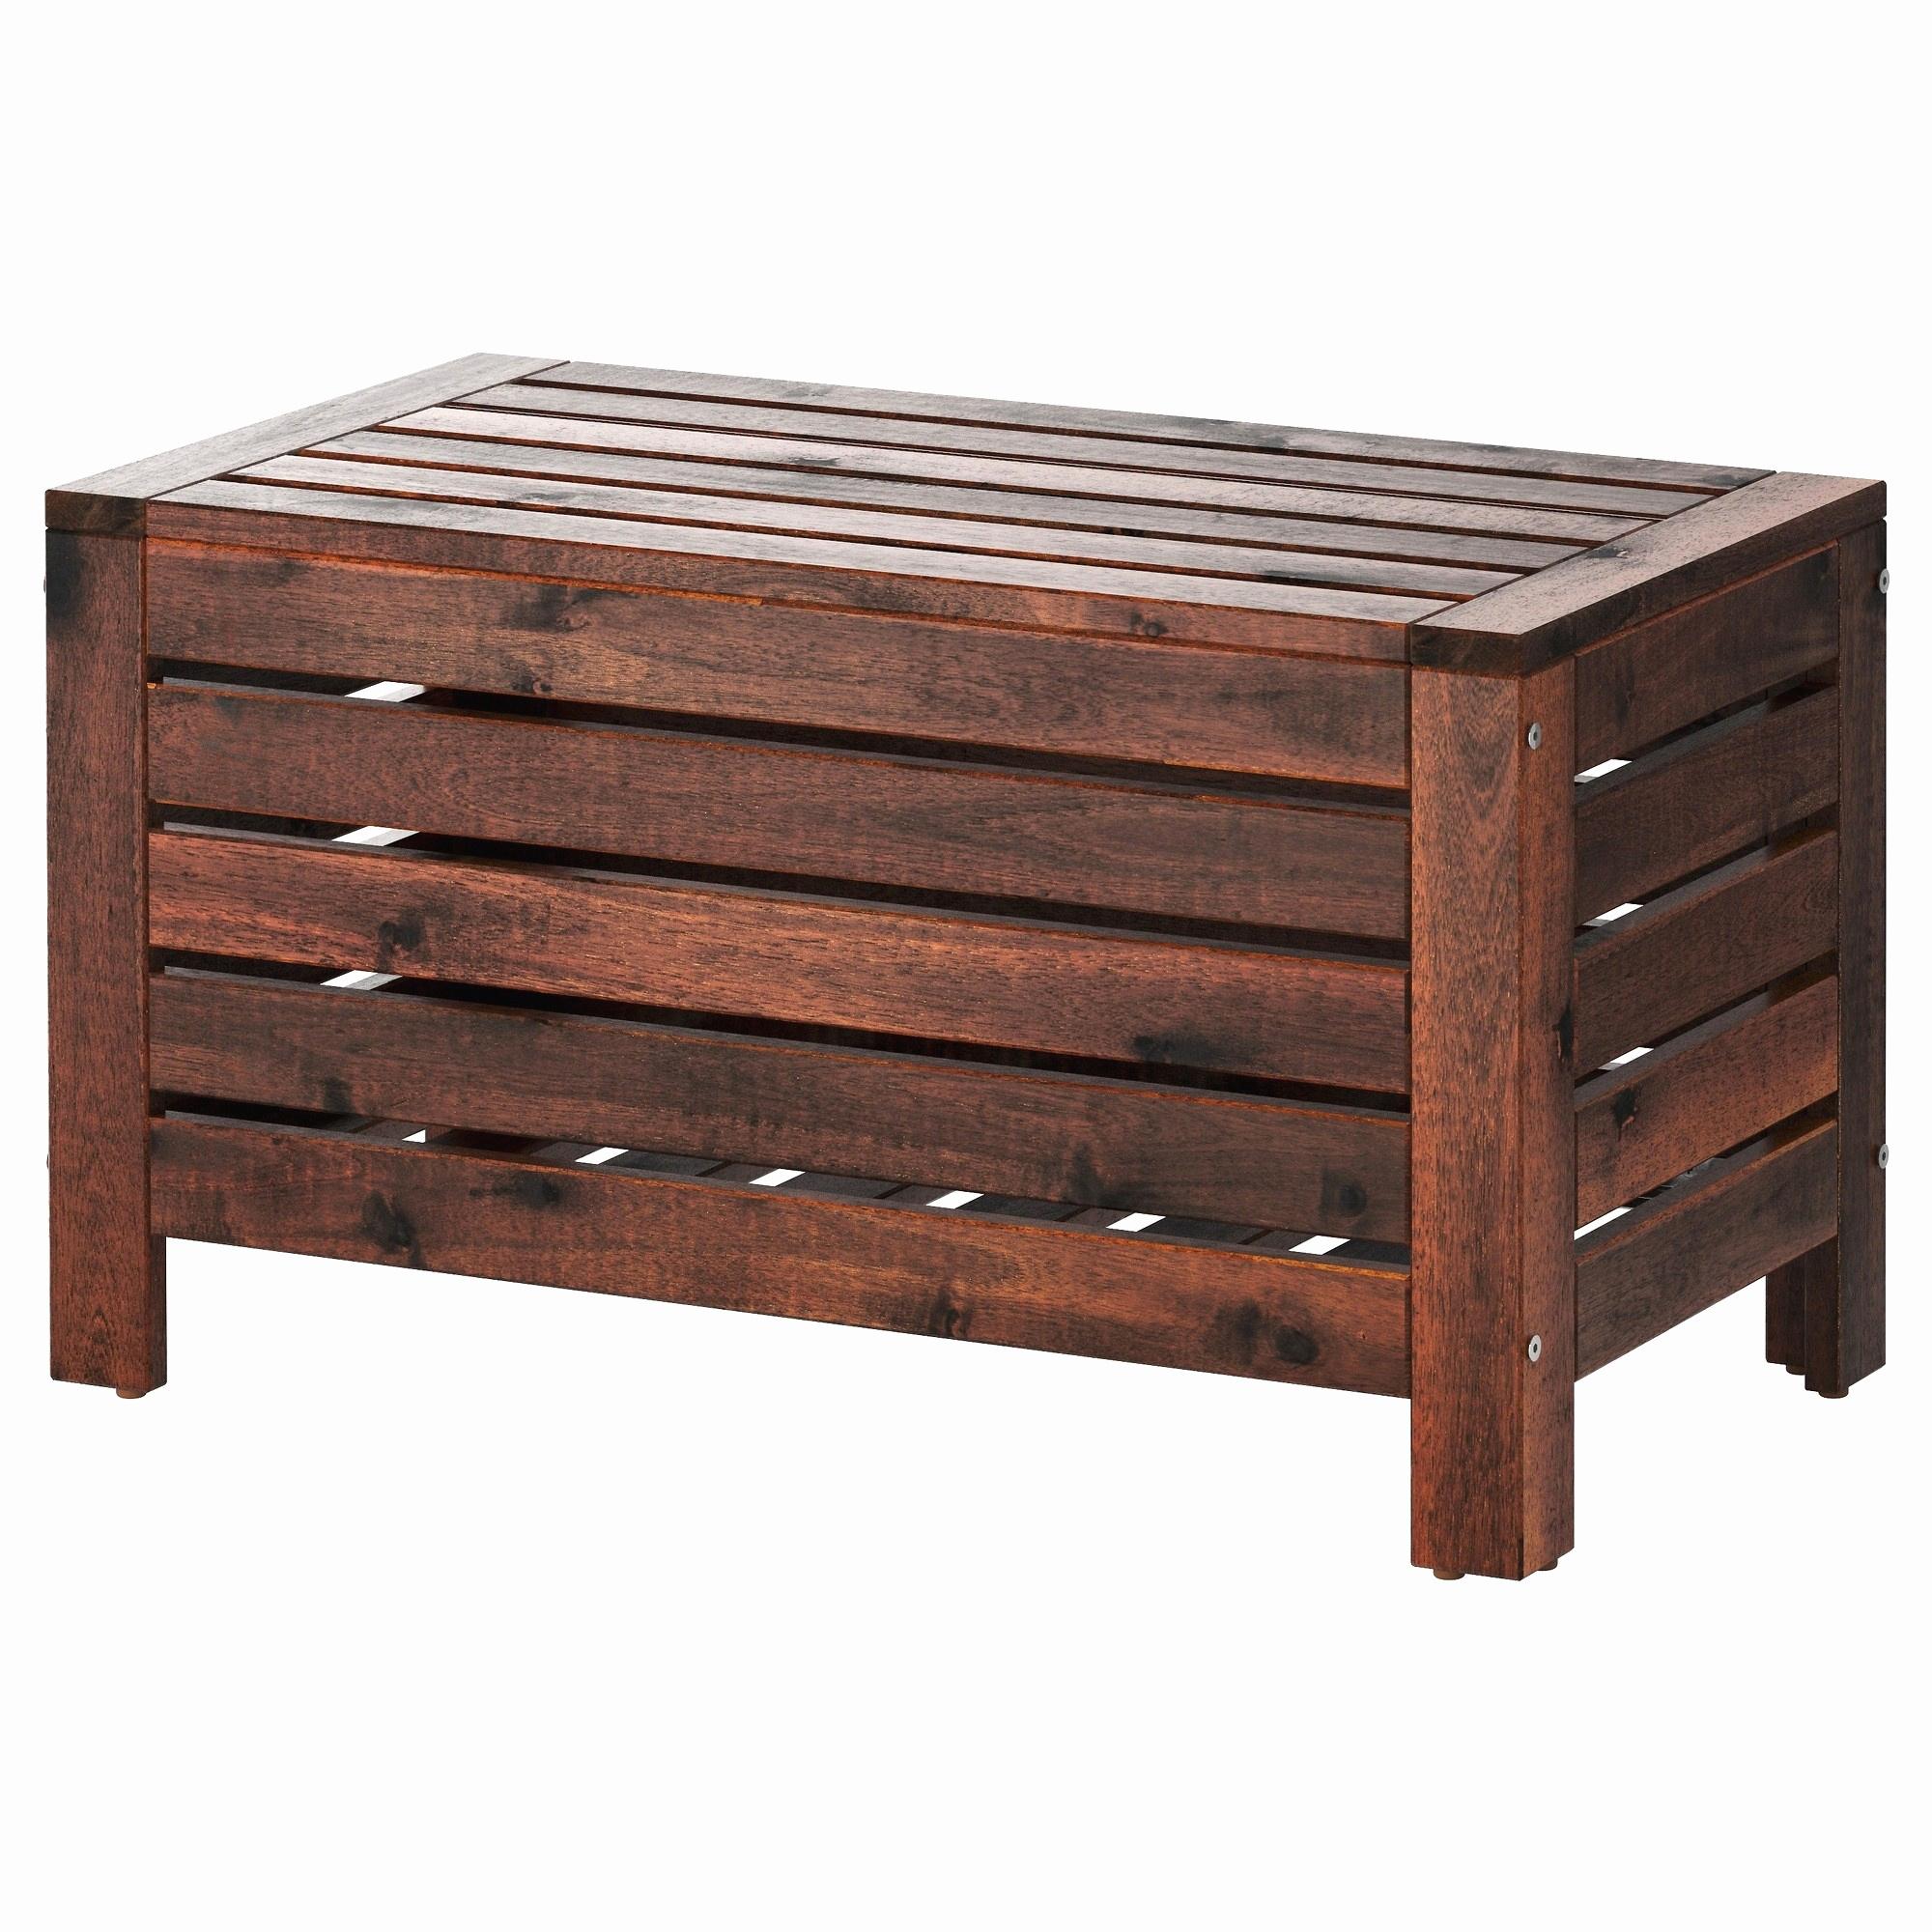 Table Basse Fermob Nouveau 37 Table Basse De Jardin Ikea ... concernant Table Basse De Jardin Ikea